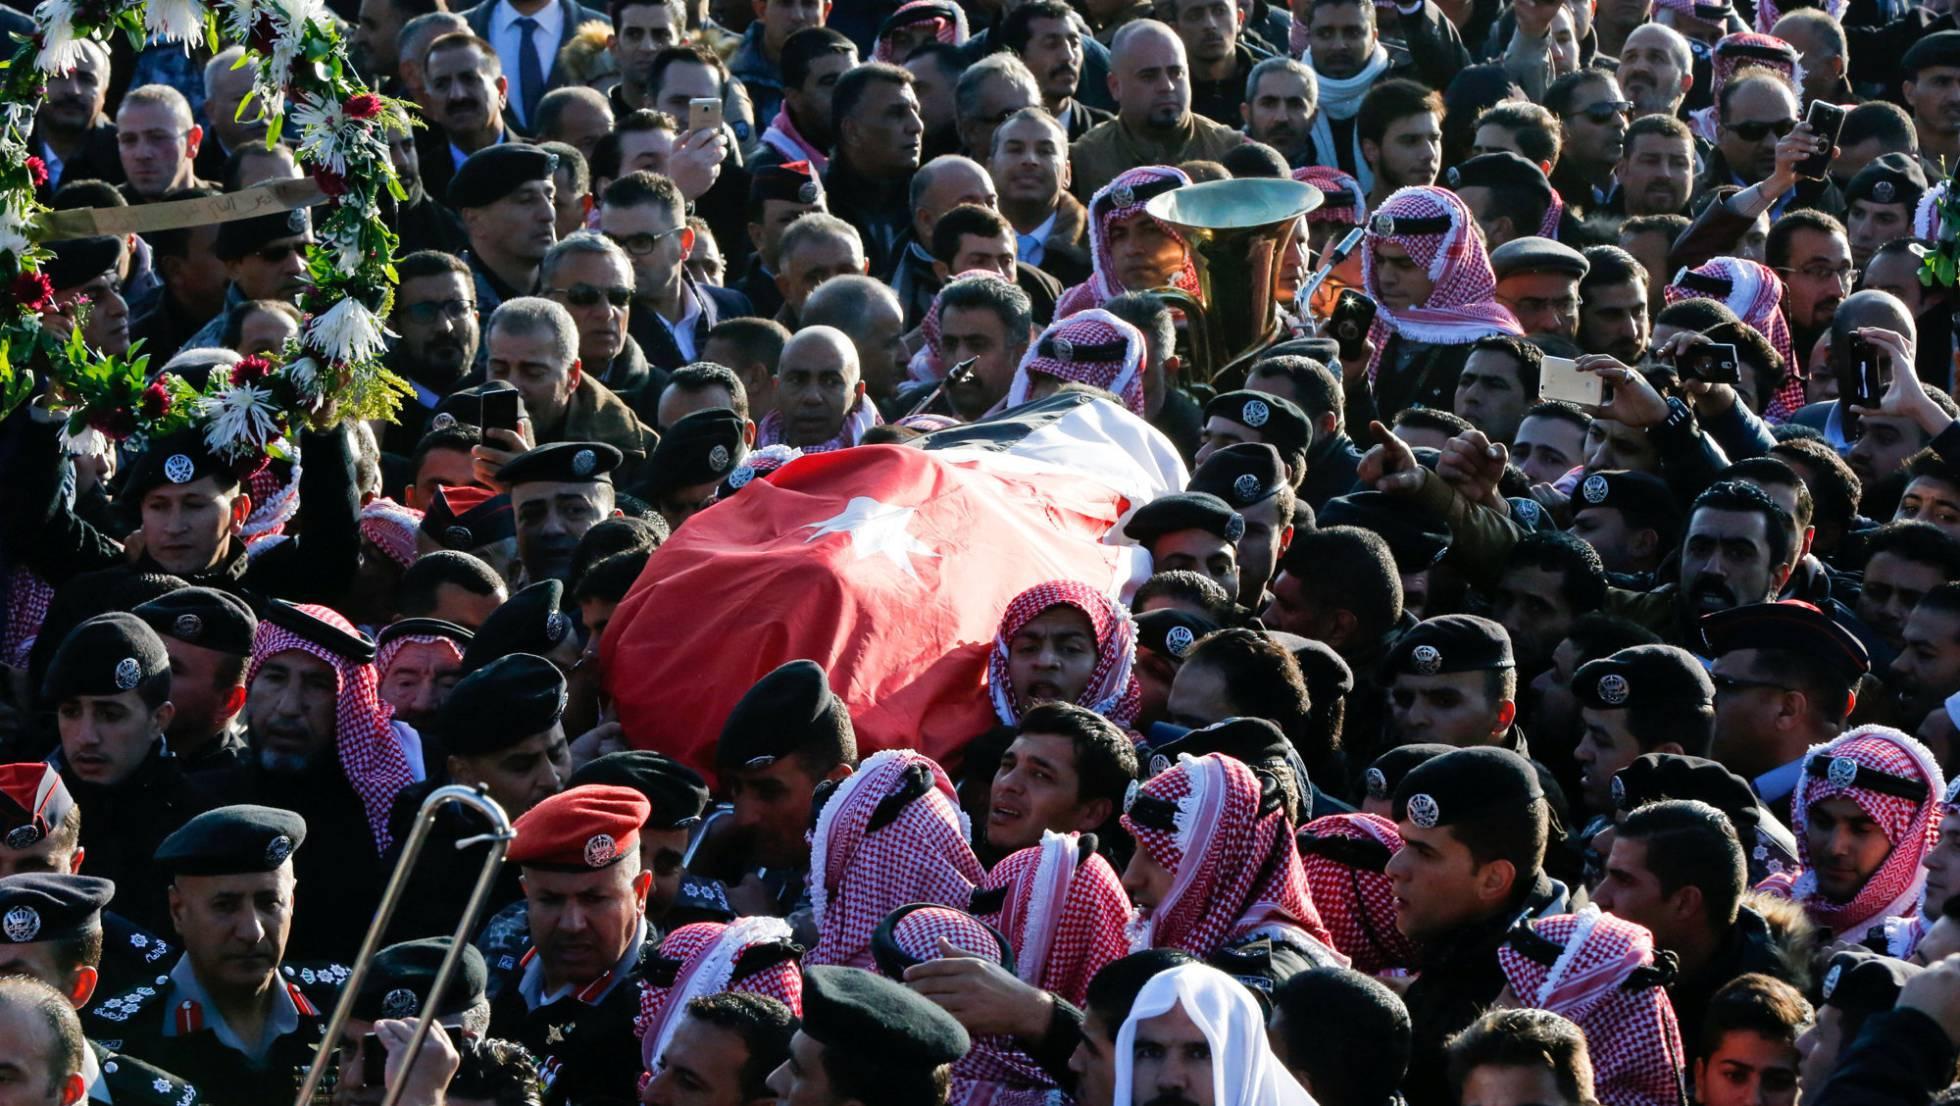 Jordania concentra tanques en la frontera con Siria 1482246766_921709_1482247055_noticia_normal_recorte1